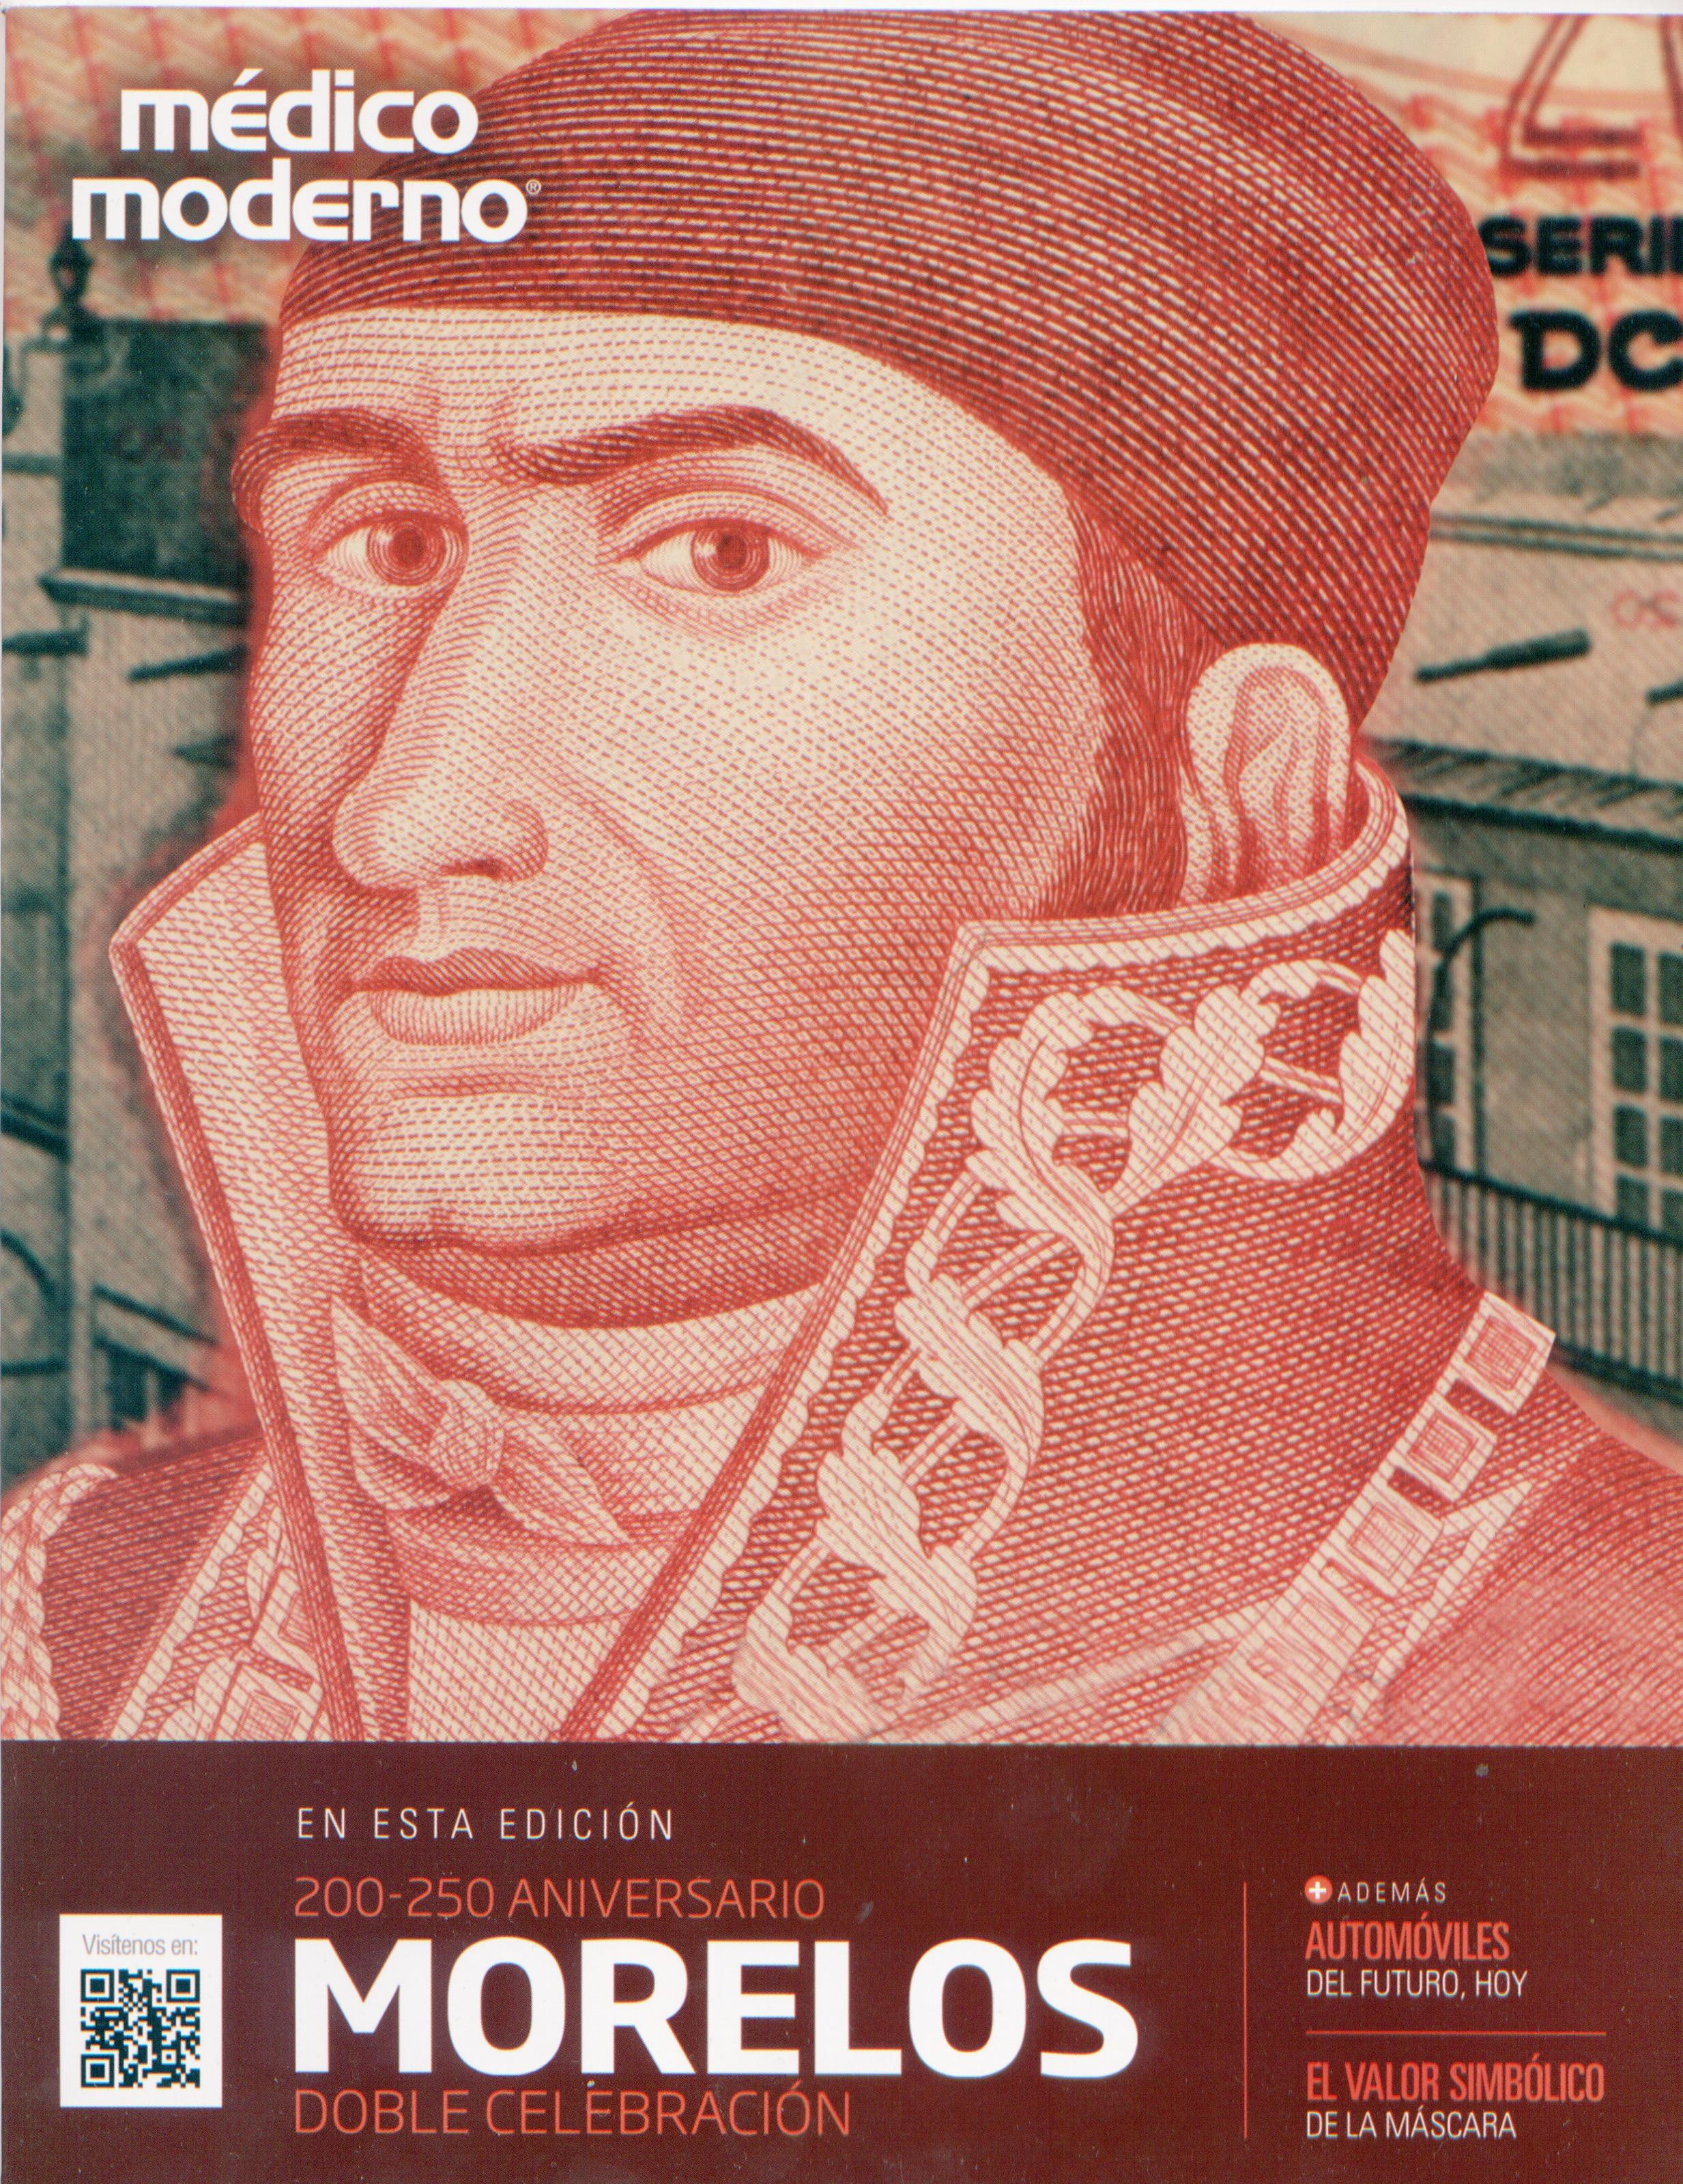 revista médico moderno